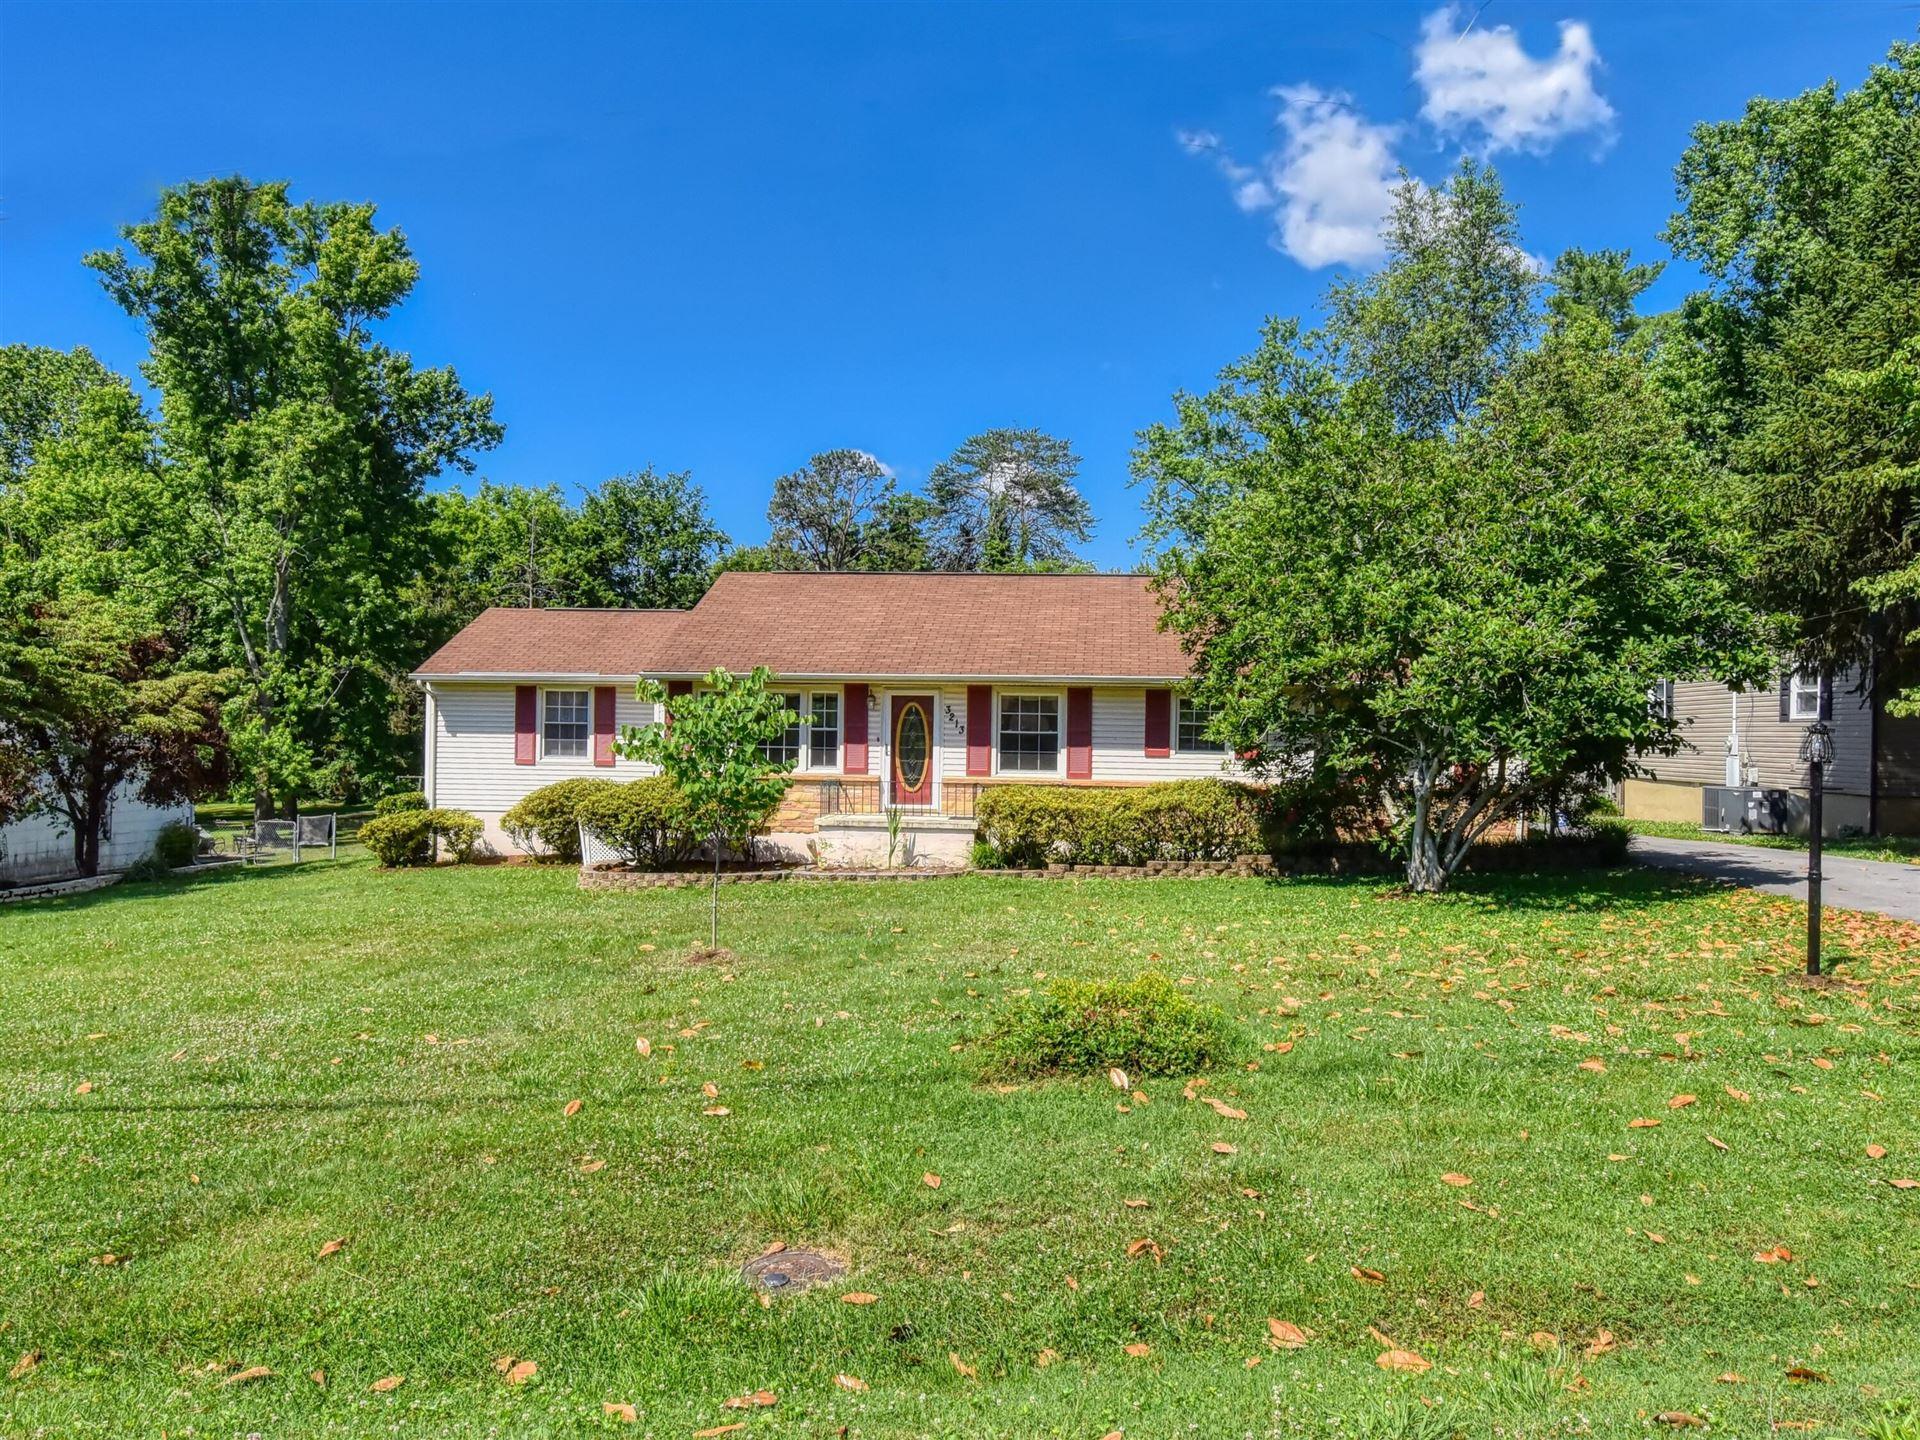 Photo of 3213 Luwana Rd, Knoxville, TN 37917 (MLS # 1156948)